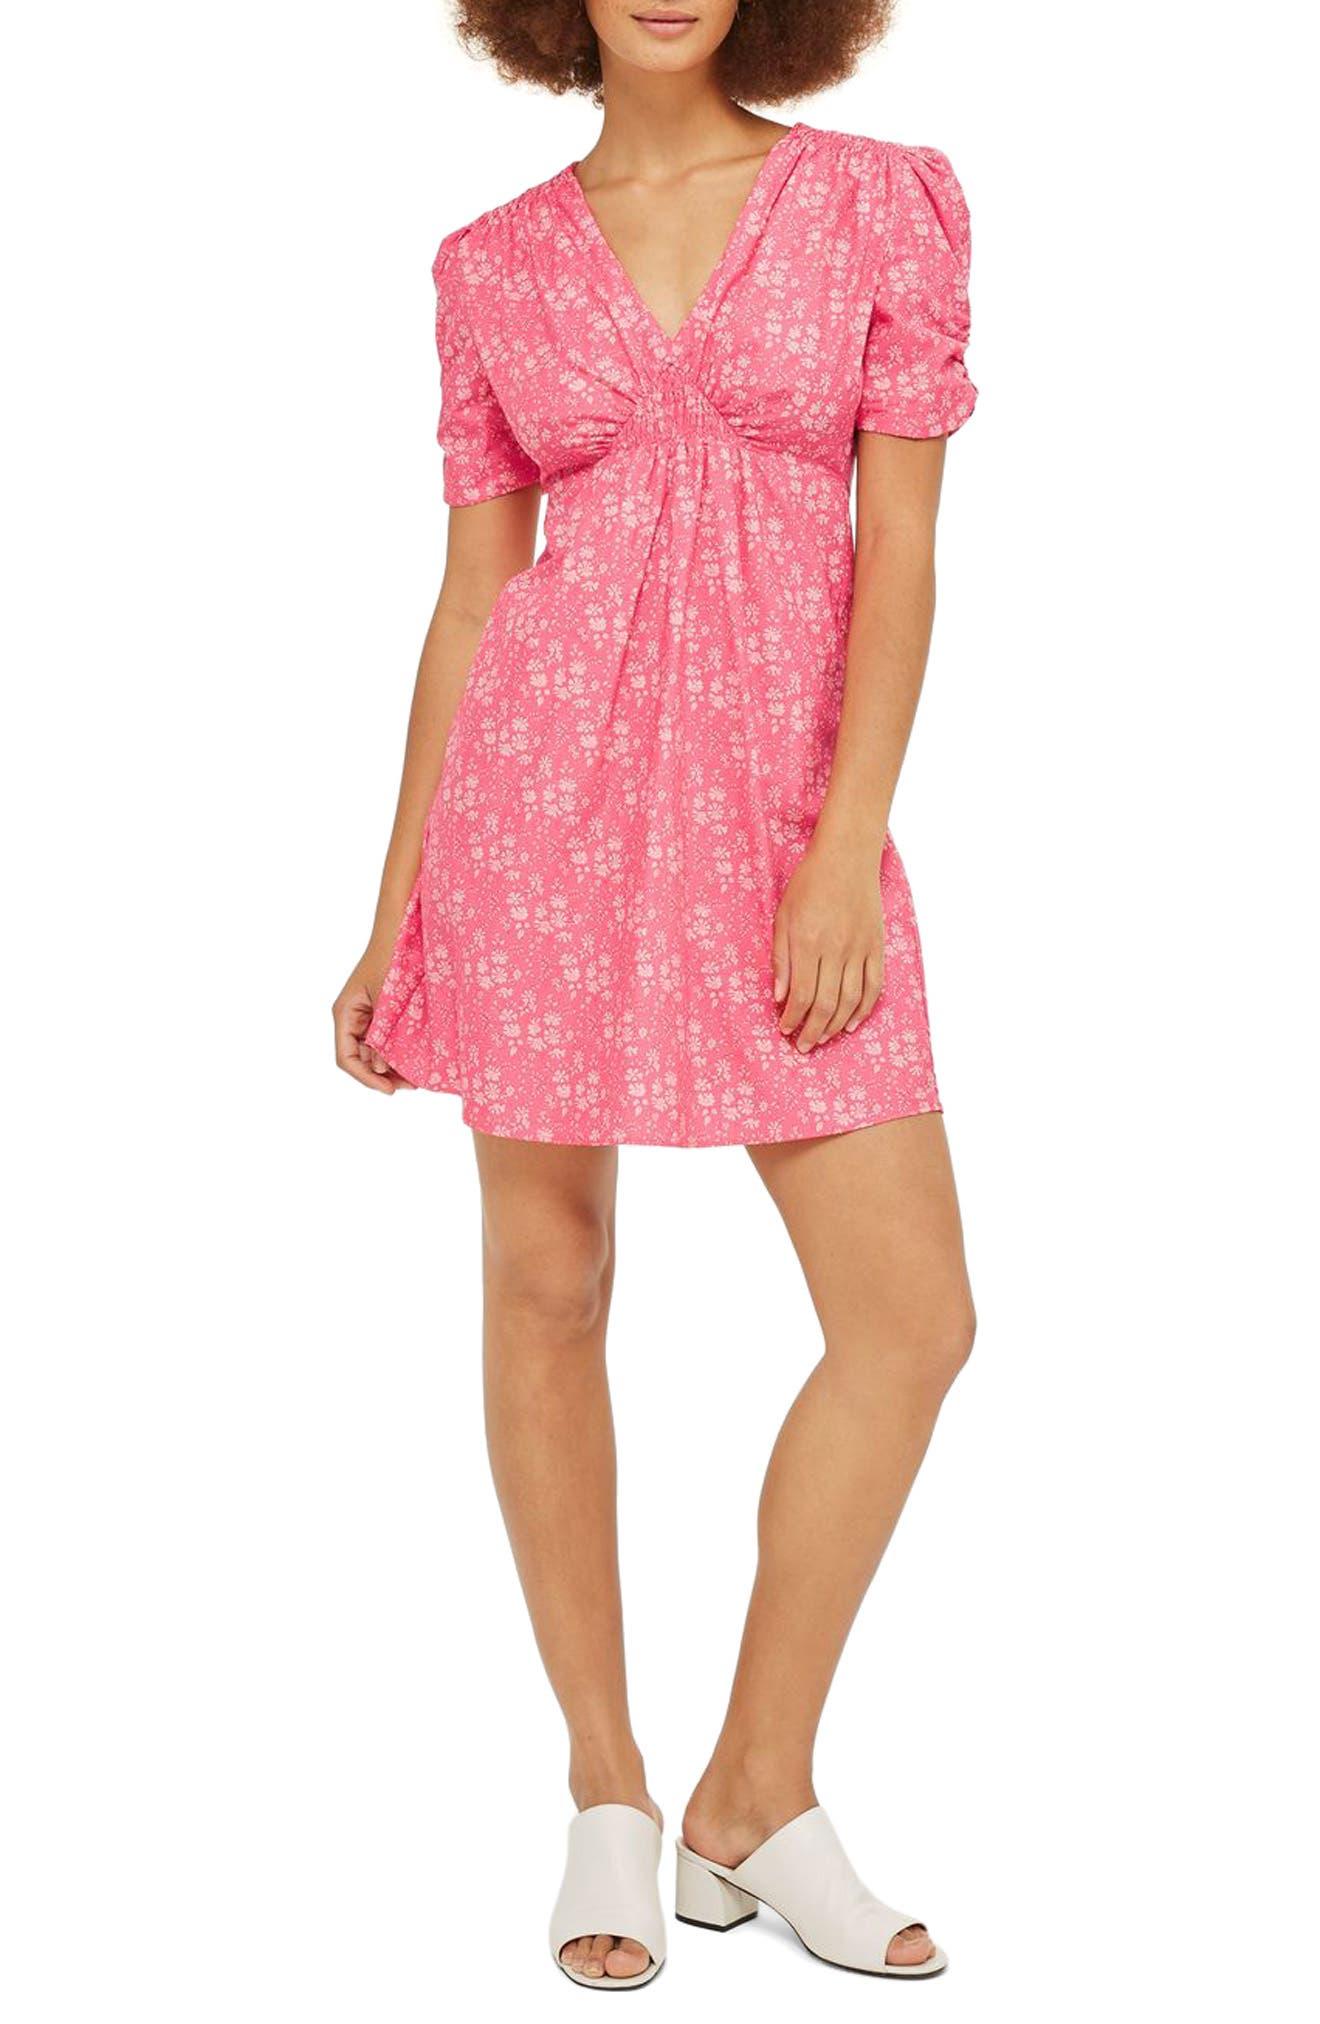 Topshop Liberty Print Skater Tea Dress